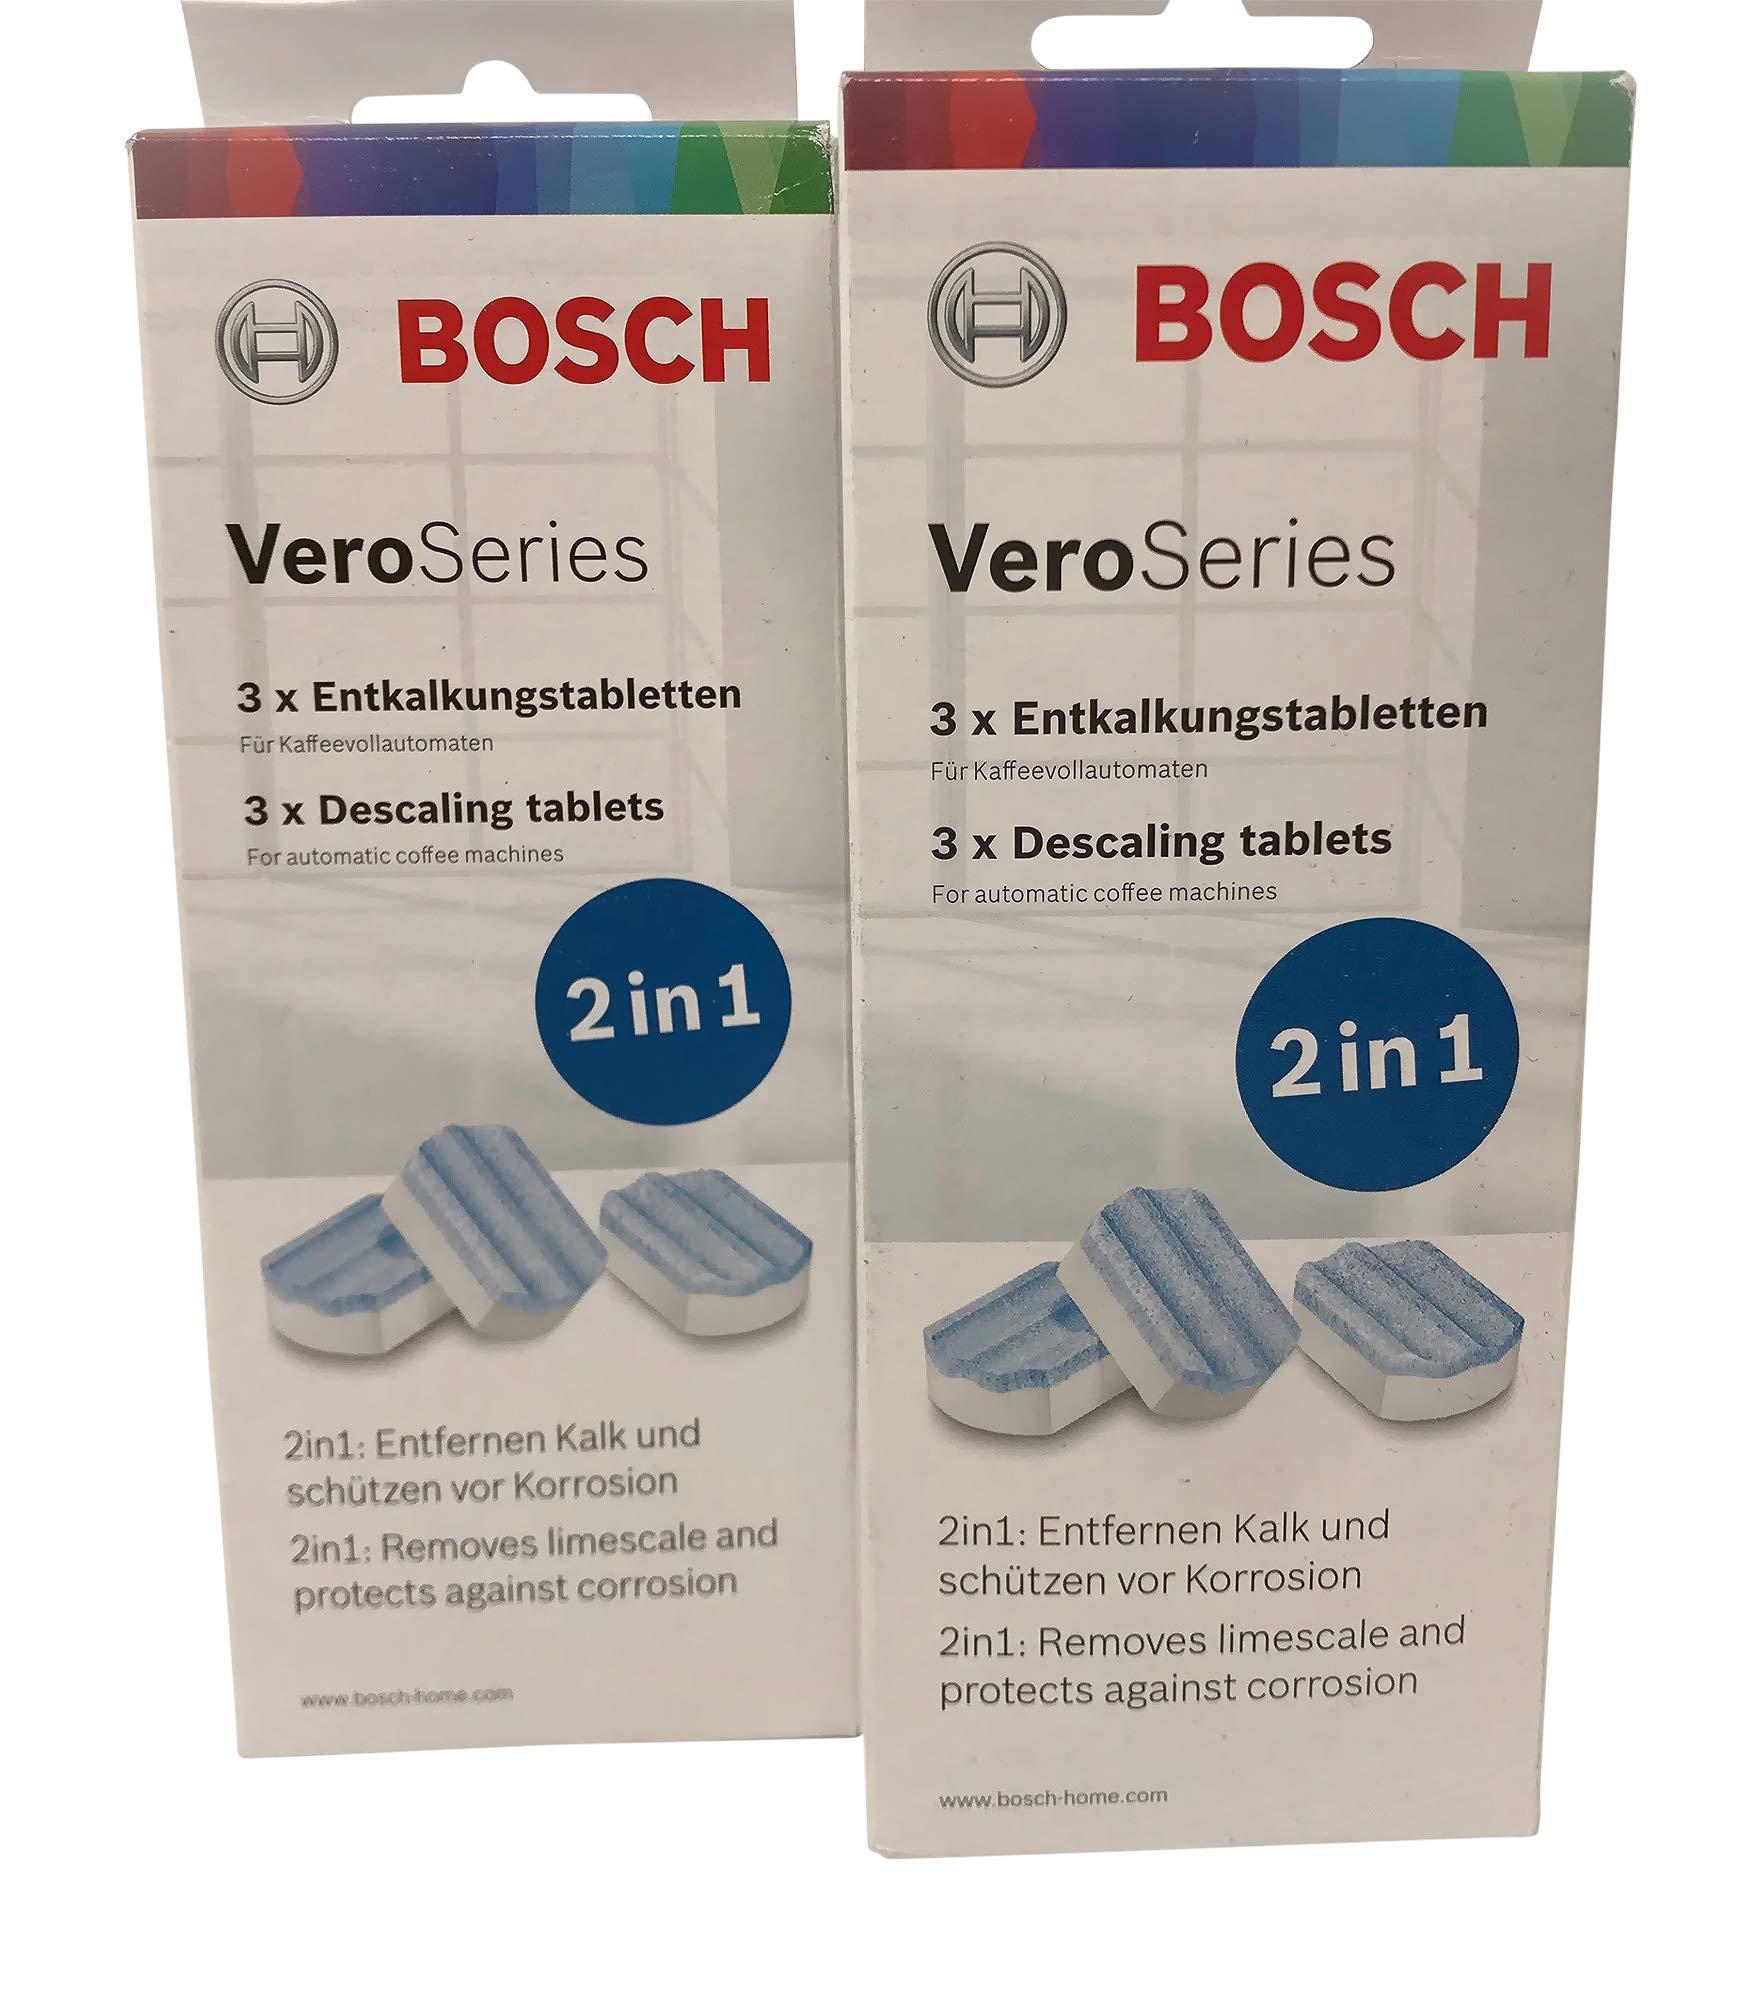 Bosch VeroSeries TCZ8002 Pastillas antical 2 en 1 para cafeteras automáticas, 2 unidades: Amazon.es: Hogar